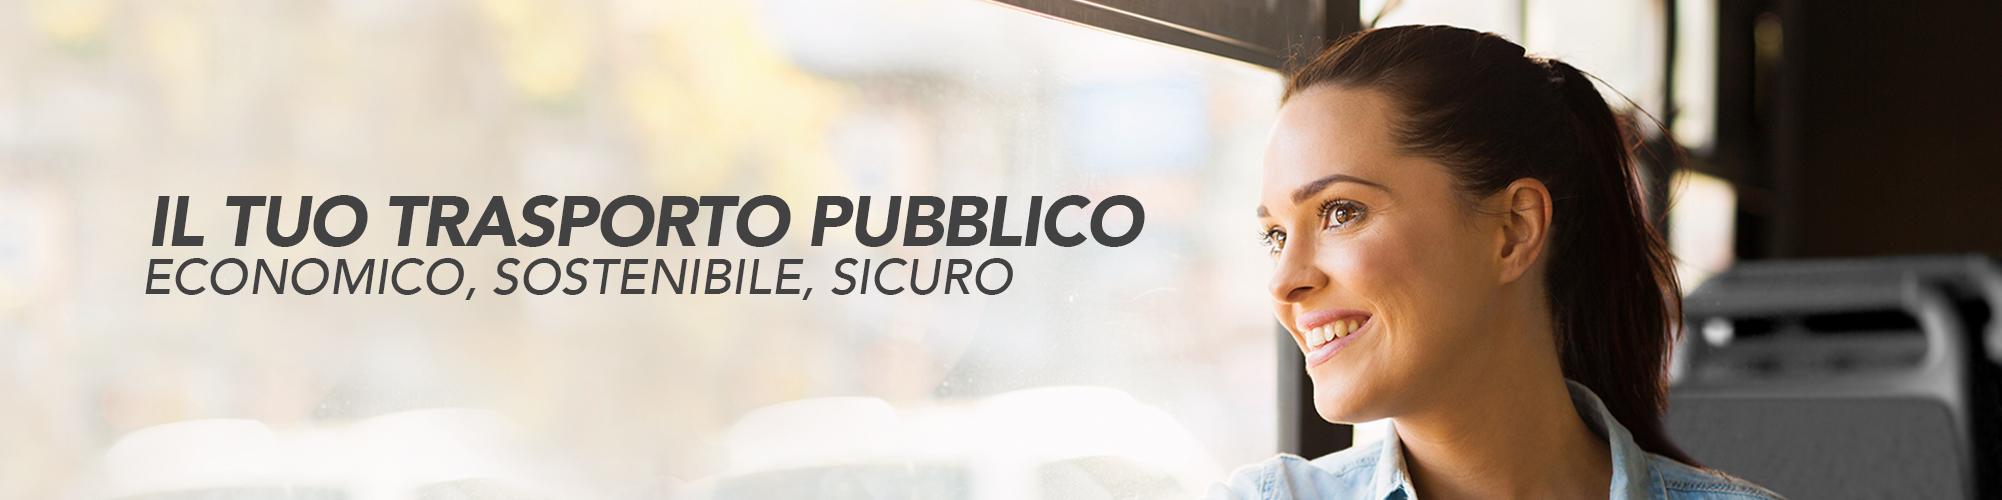 Il tuo trasporto pubblico. Economico, sostenibile, sicuro.